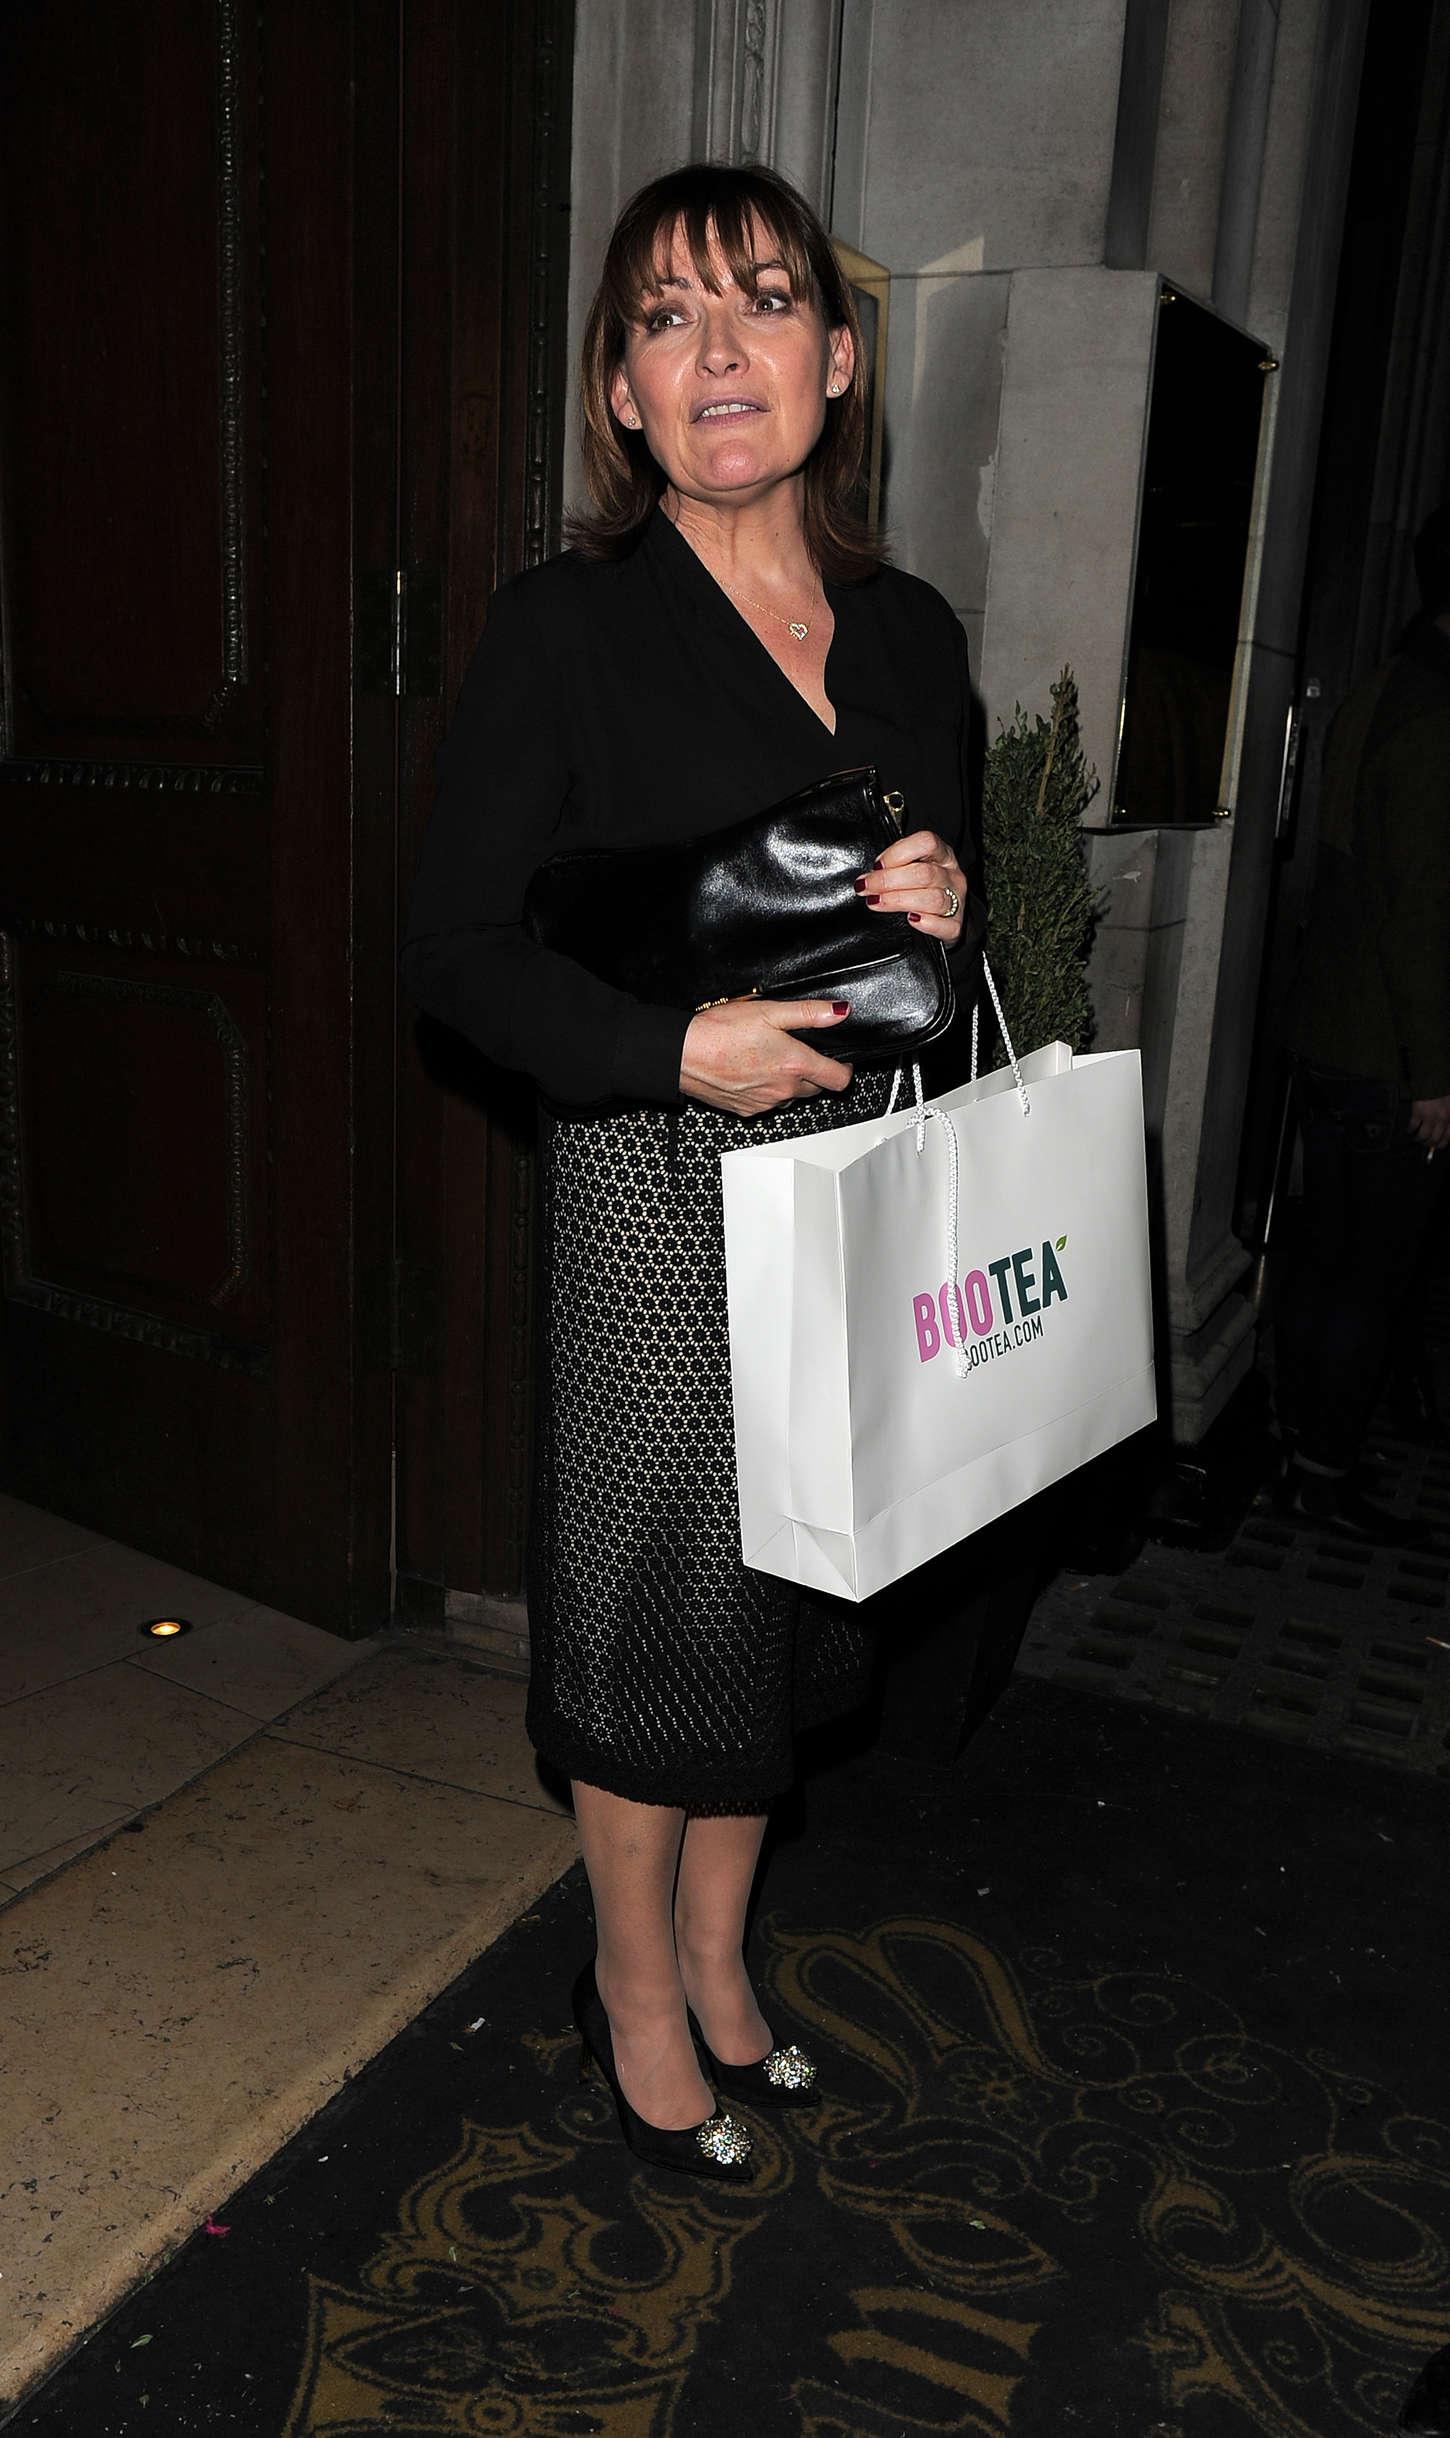 Lorraine Kelly The Sun Bizarre Party in London